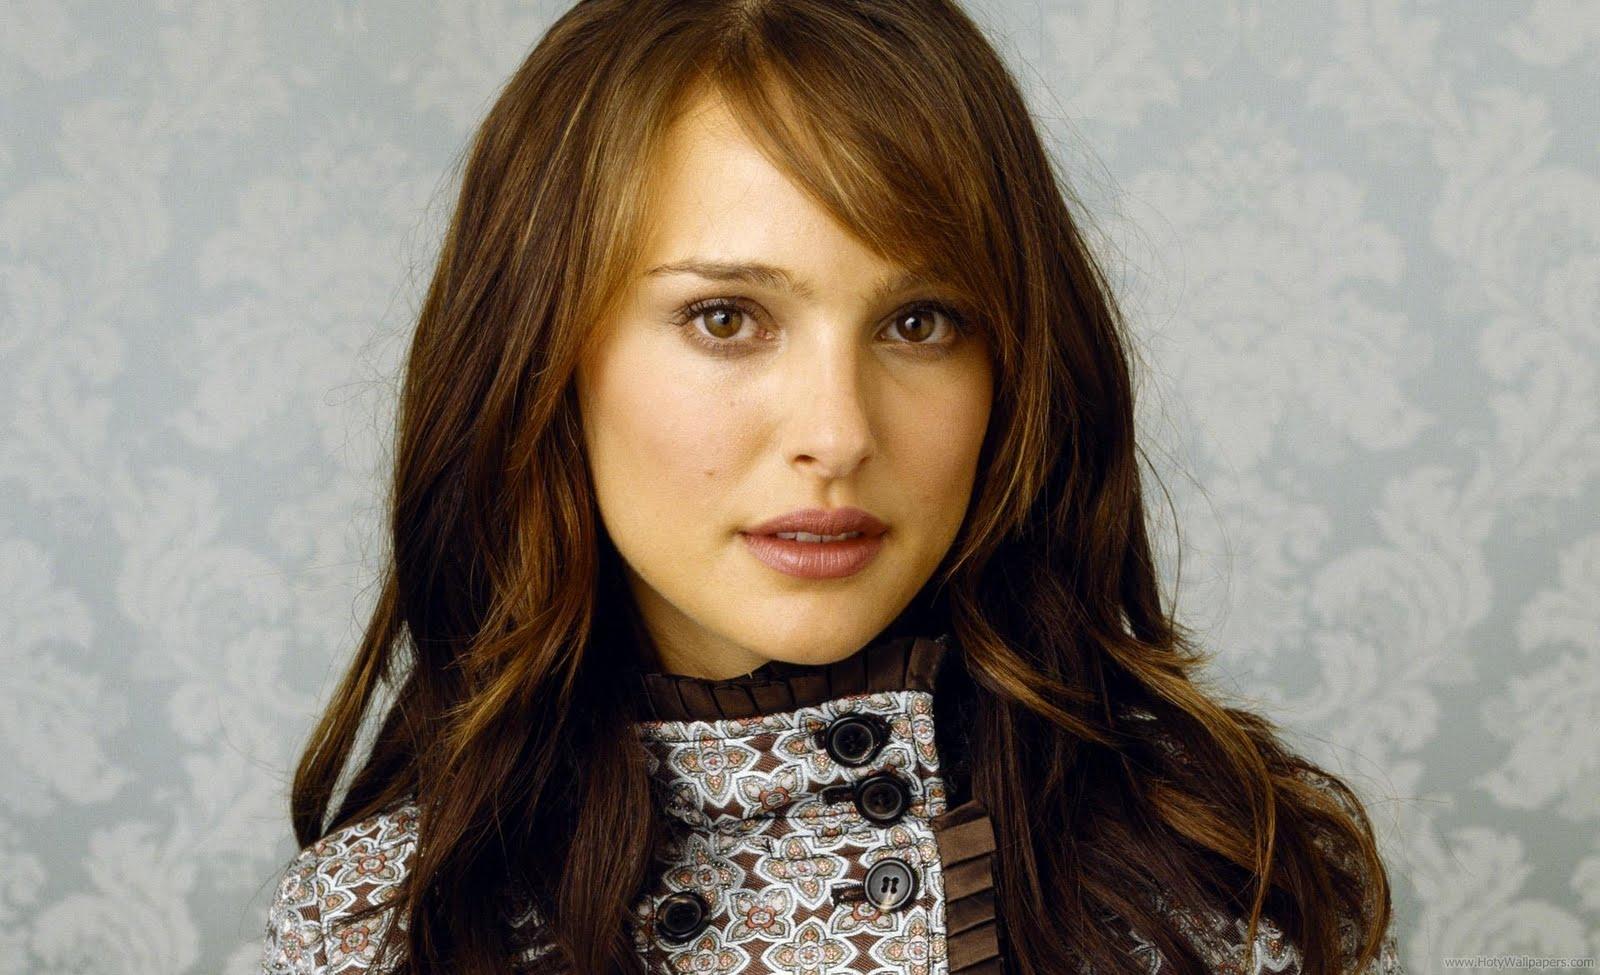 http://1.bp.blogspot.com/-ccFKPPpy5iY/TrT4d9g3wPI/AAAAAAAAOj8/FMq0LbCjPRA/s1600/natalie_portman_glamor_actress_wallpaper.jpg